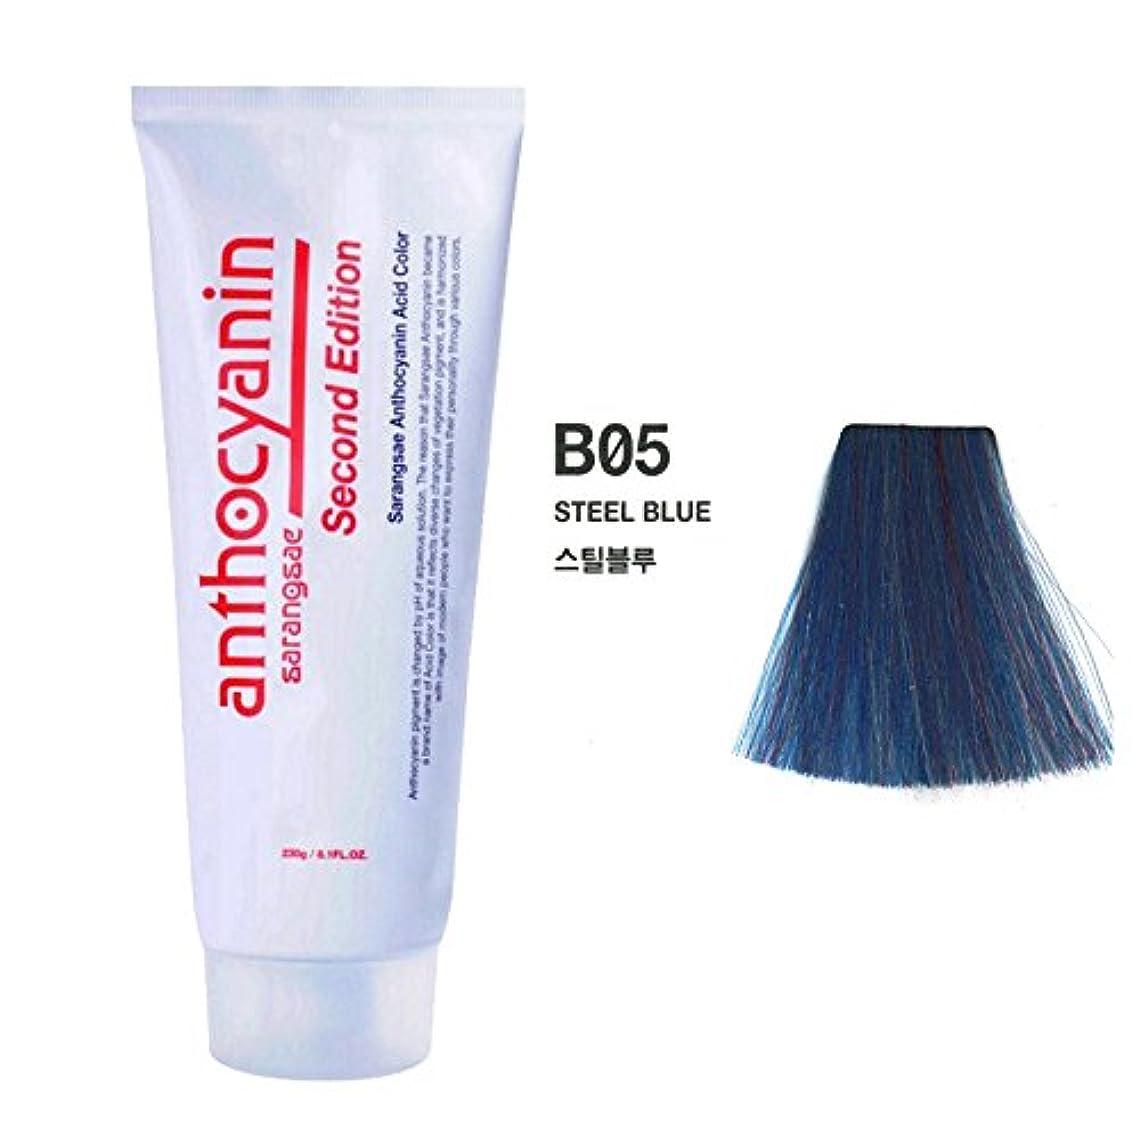 シーサイド小学生平均ヘア マニキュア カラー セカンド エディション 230g セミ パーマネント 染毛剤 (Hair Manicure Color Second Edition 230g Semi Permanent Hair Dye) [並行輸入品] (B05 Steel Blue)